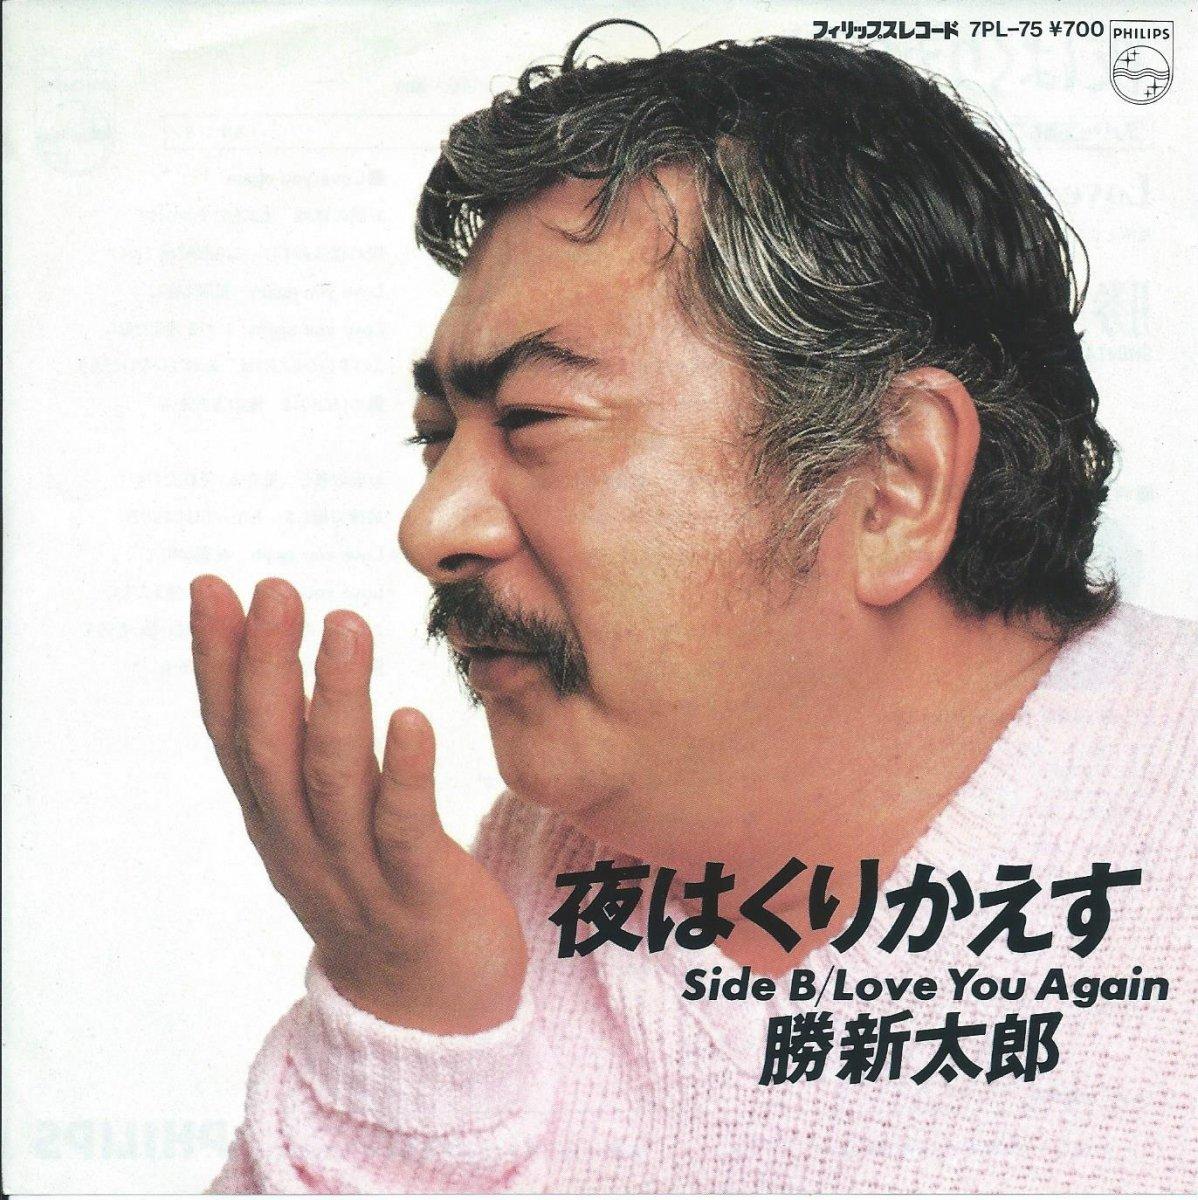 勝新太郎 KATSU SHINTAROH / 夜はくりかえす / LOVE YOU AGAIN (7